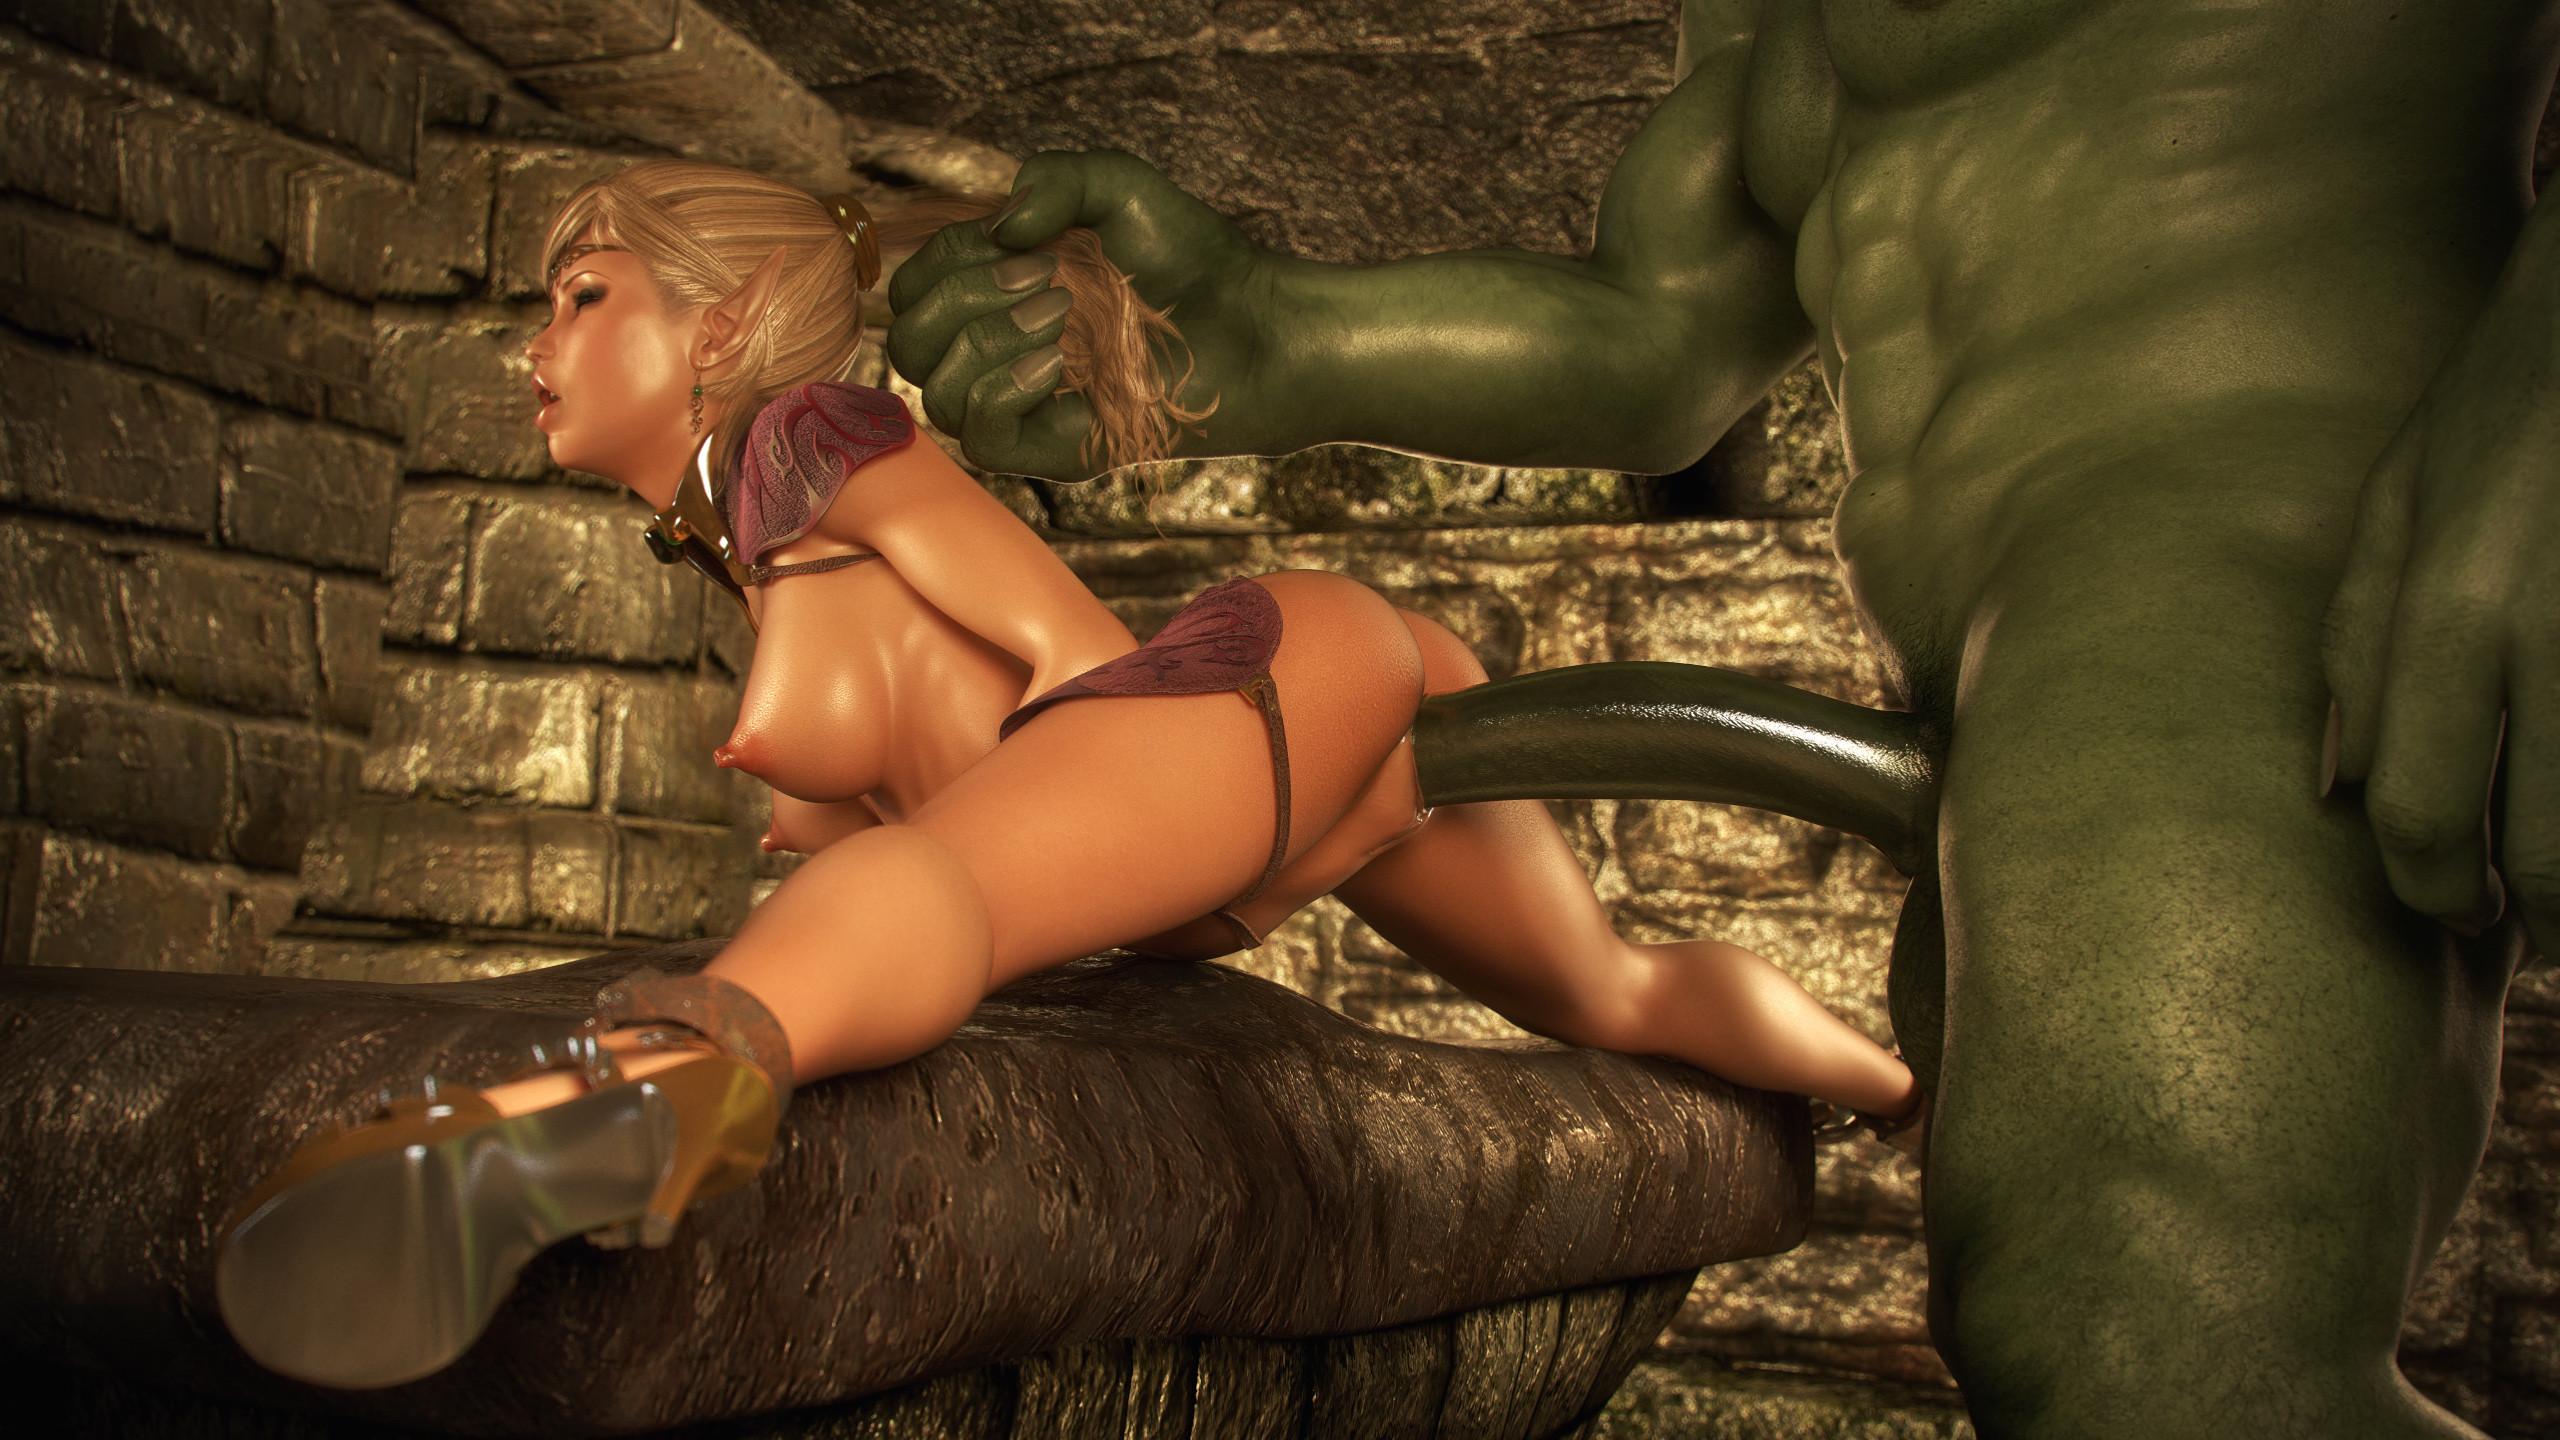 порно фильмы бдсм в подземелье - 9